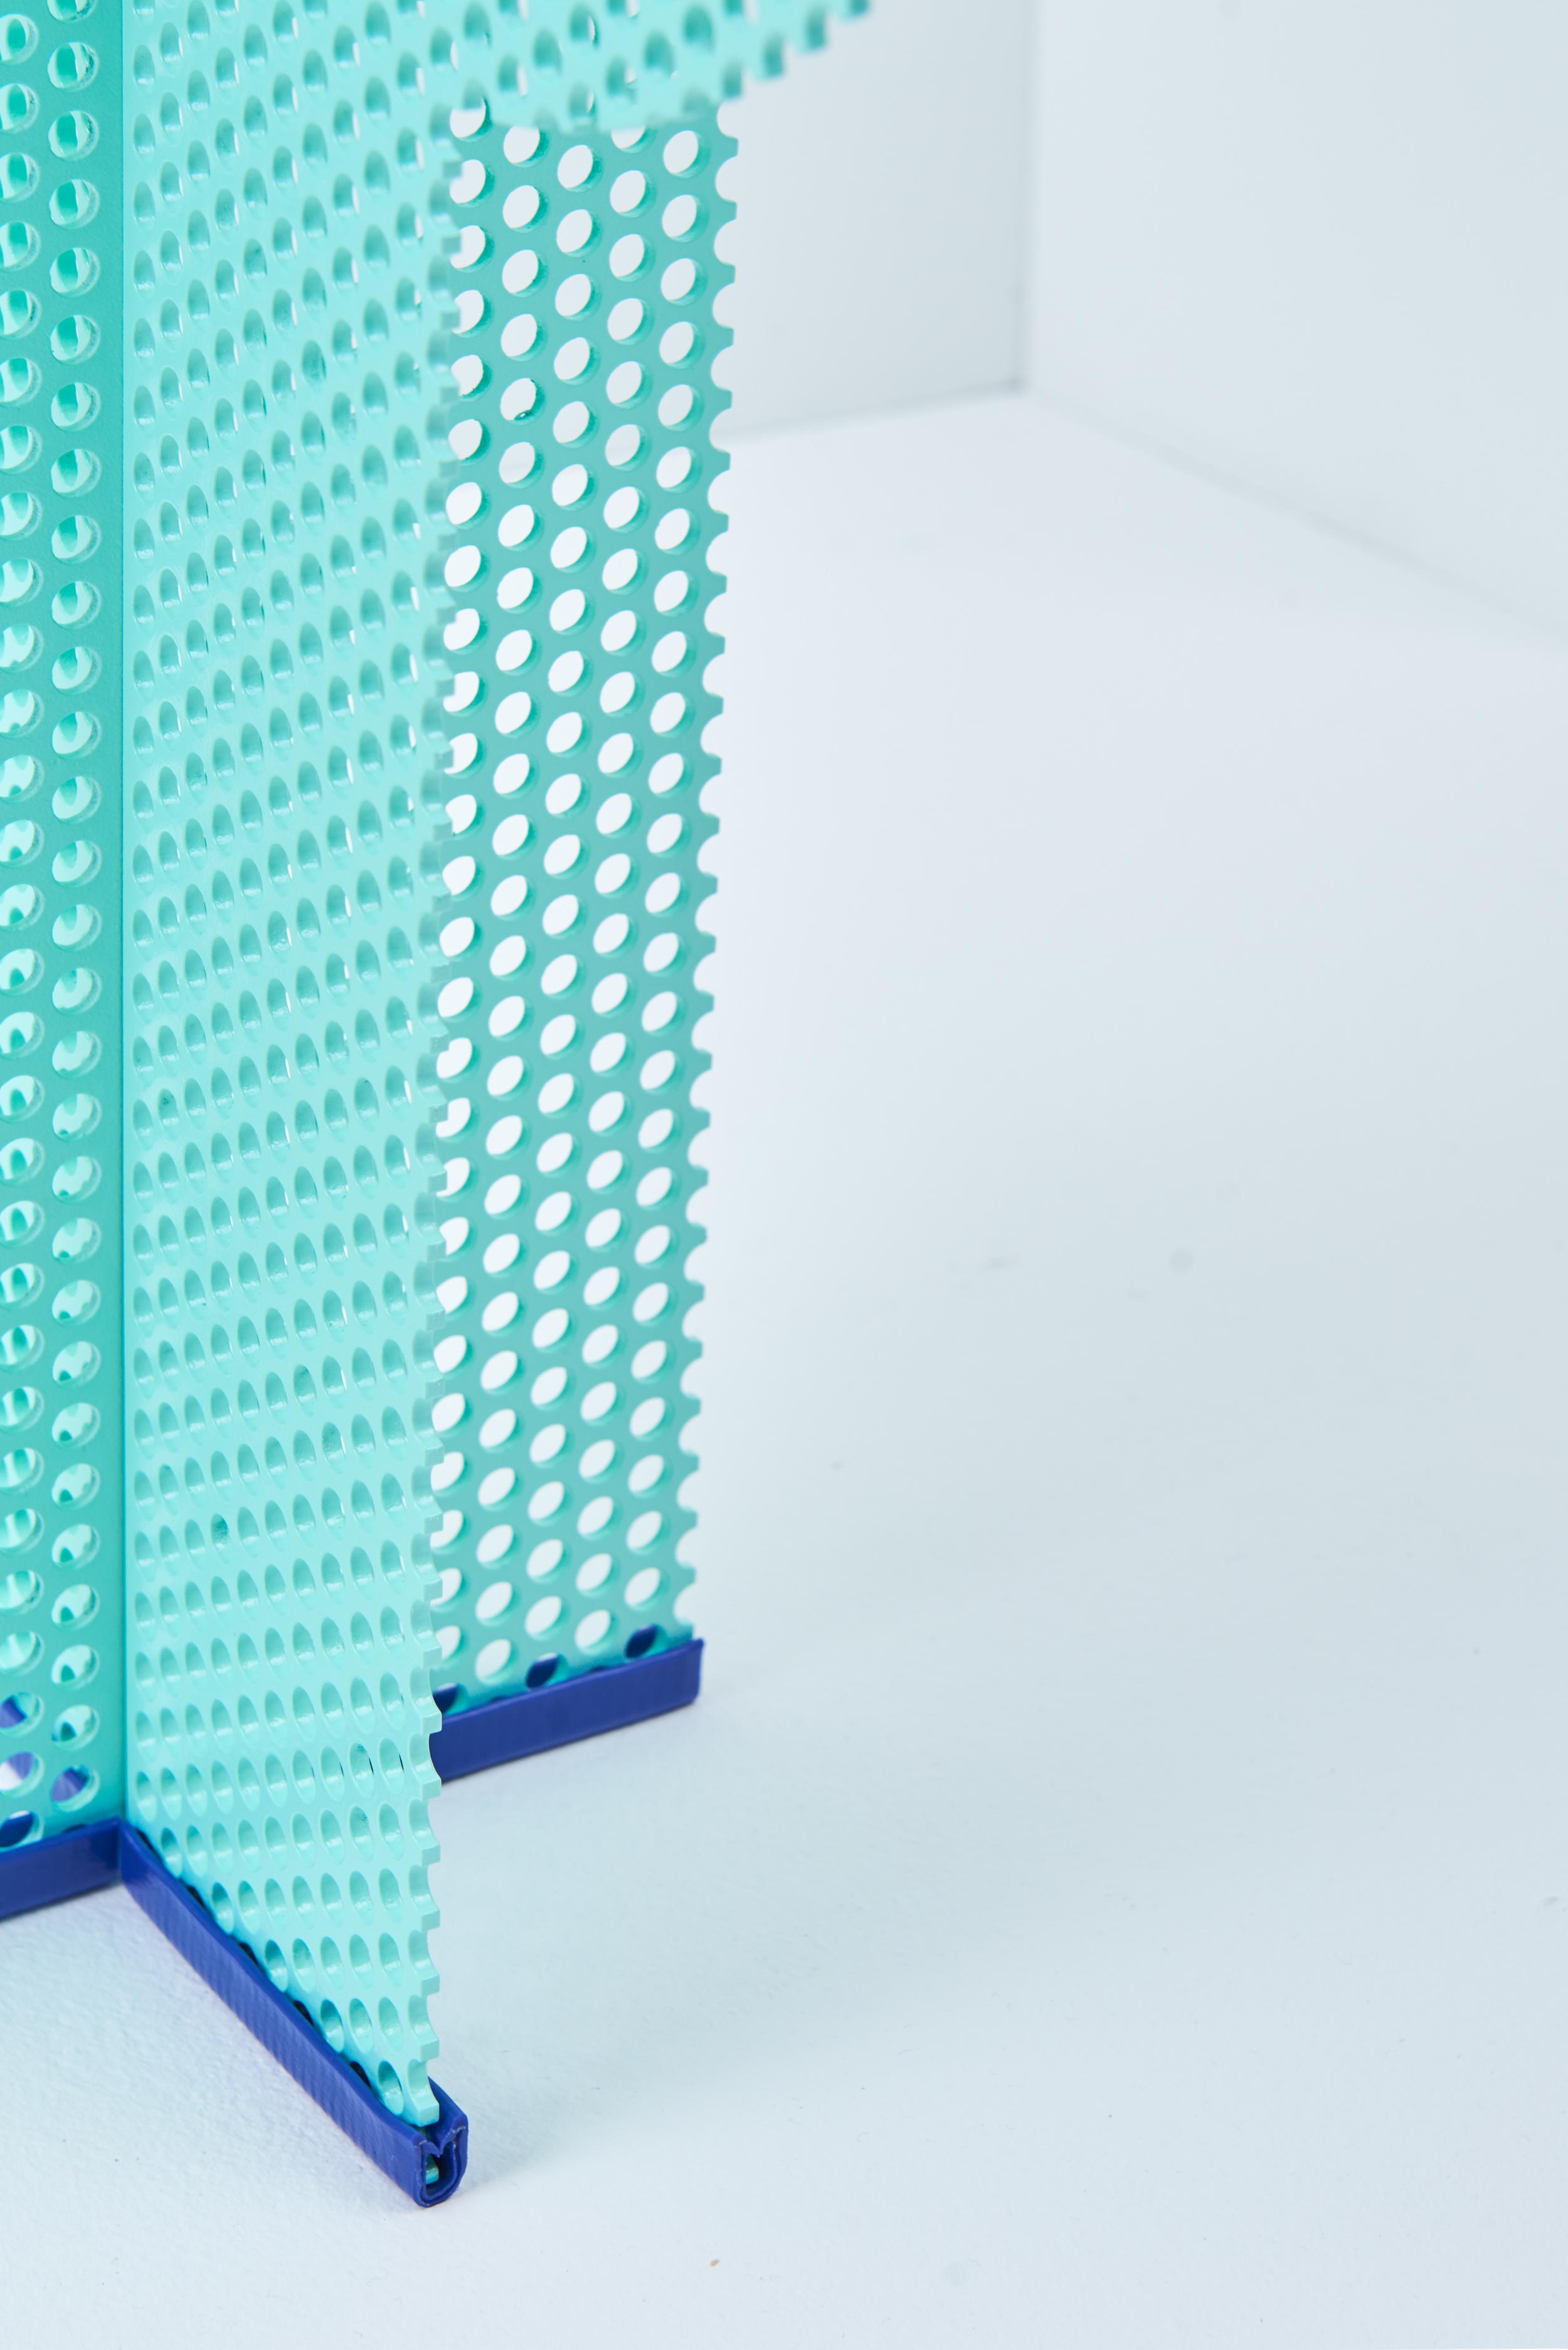 Kinzo_Table_Superpose_Lamp_Frederik_Kurzweg_038.jpg